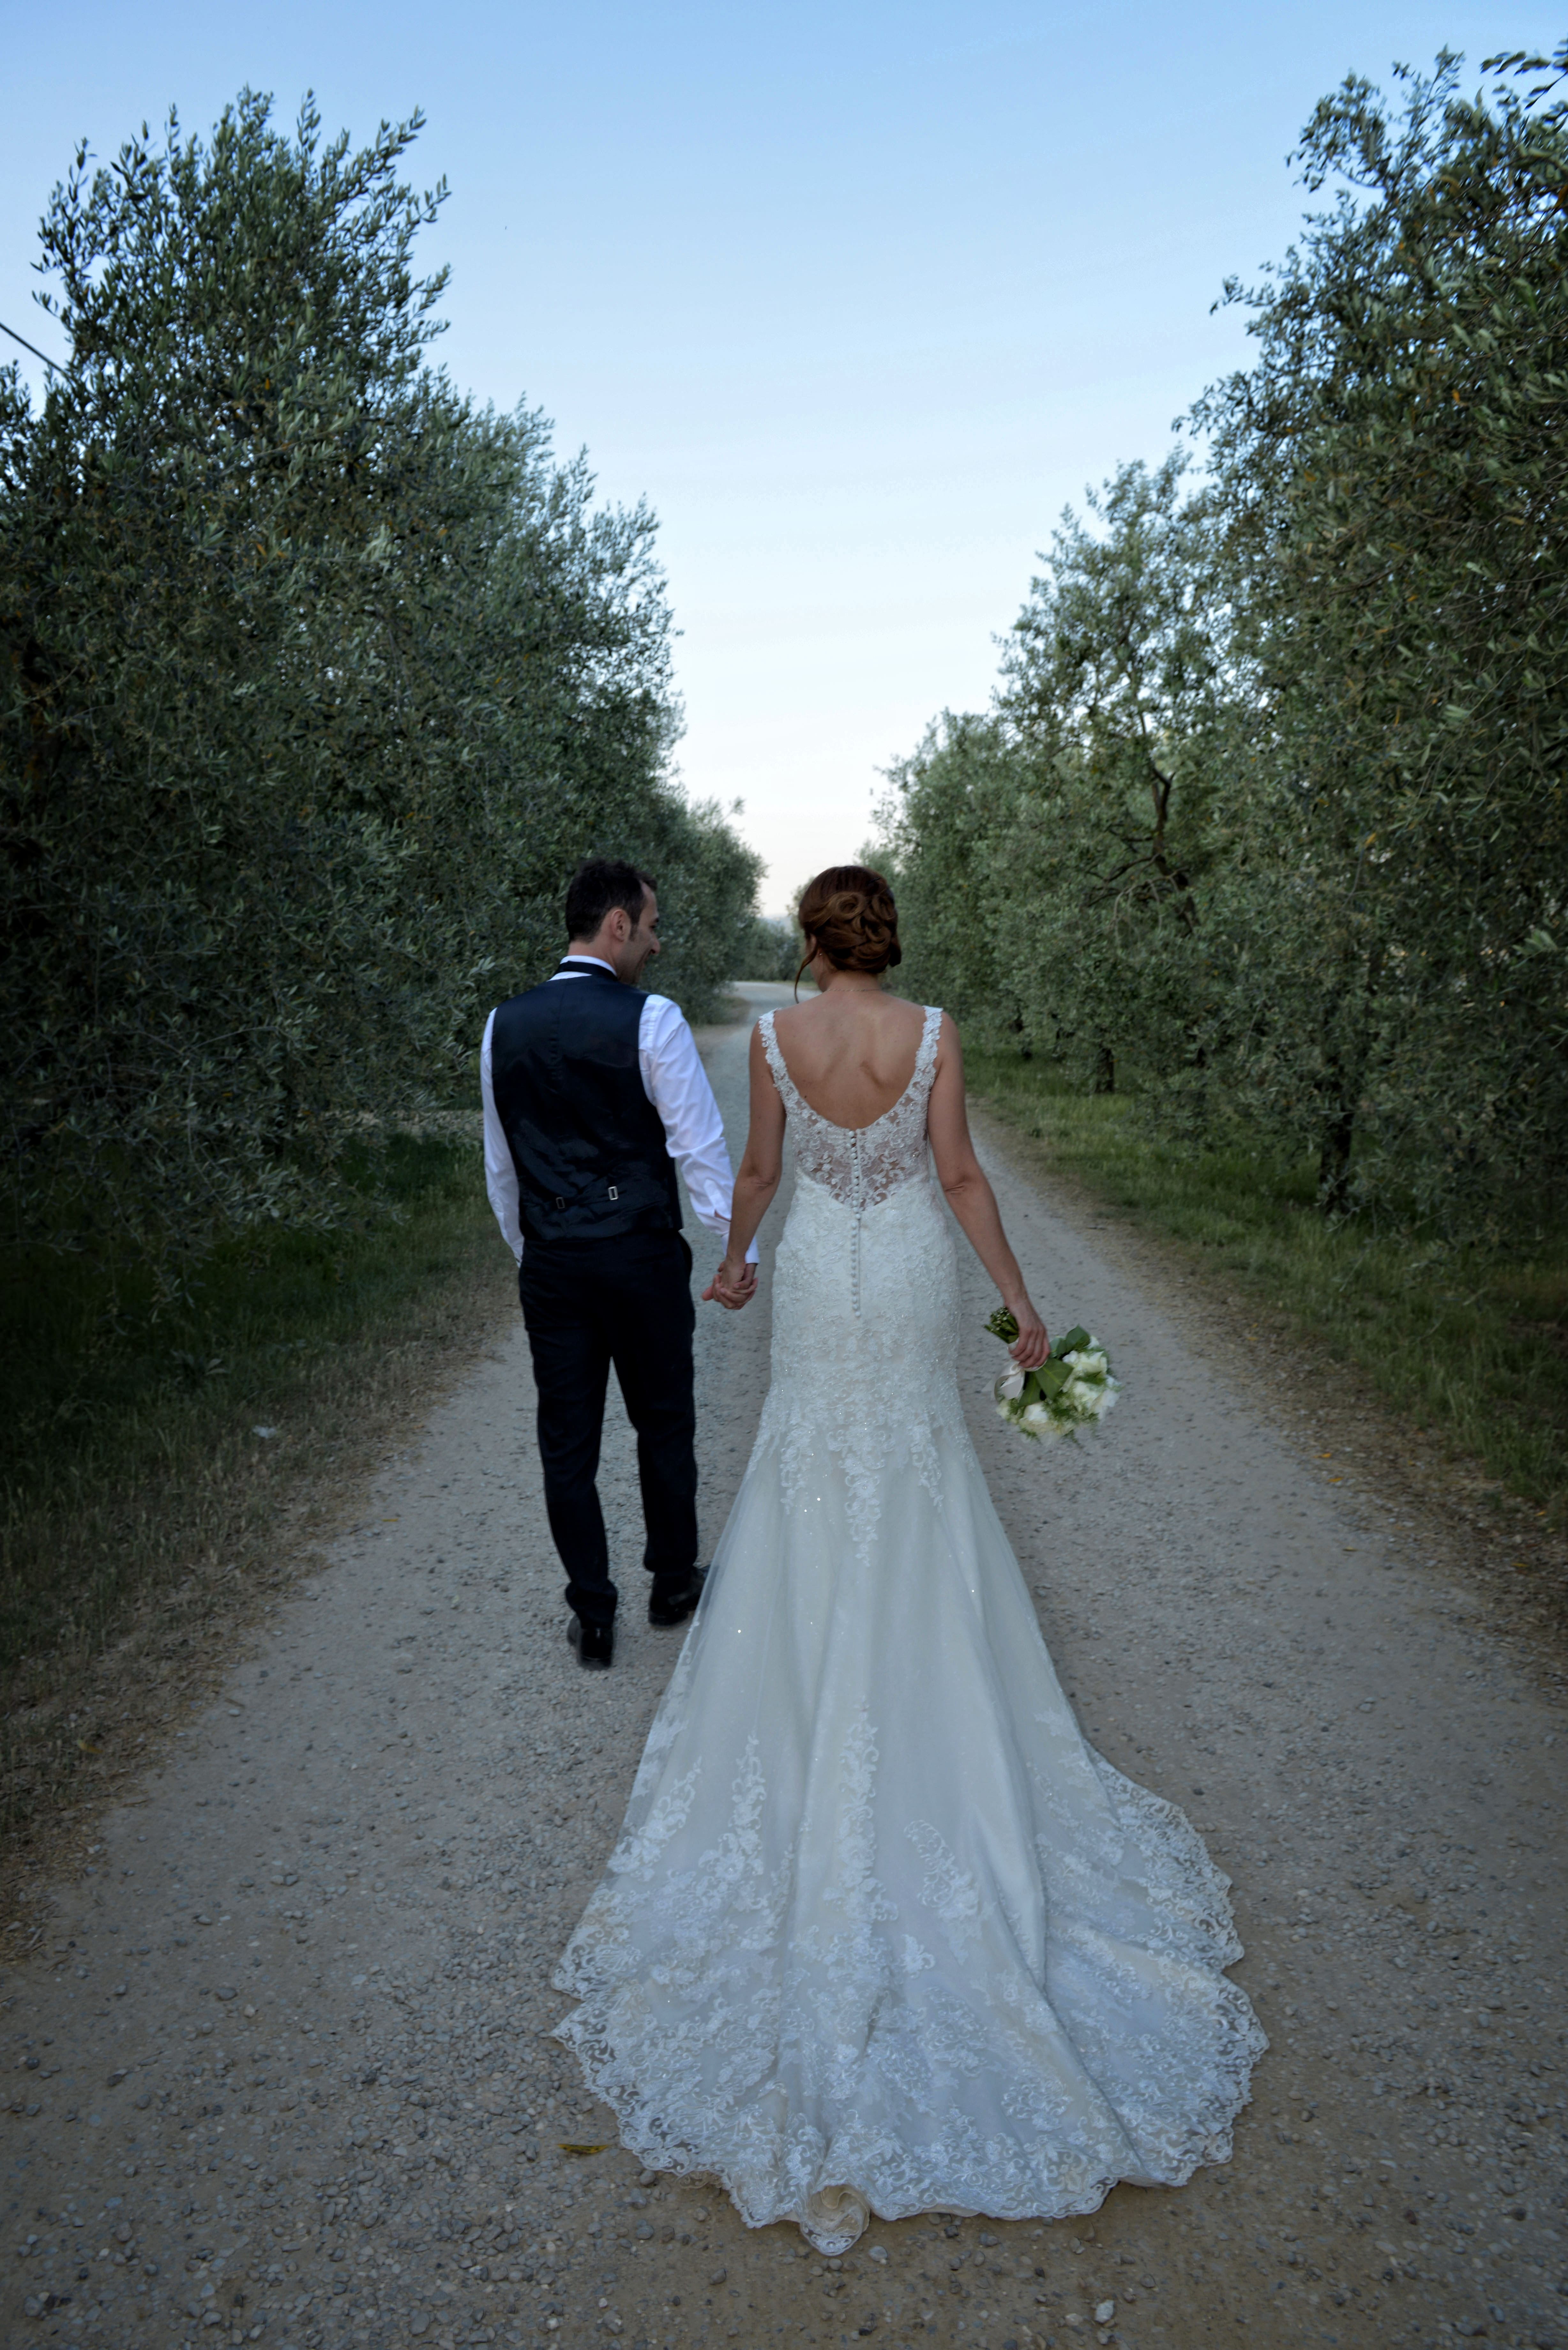 fotografo matrimonio a roma prezzi